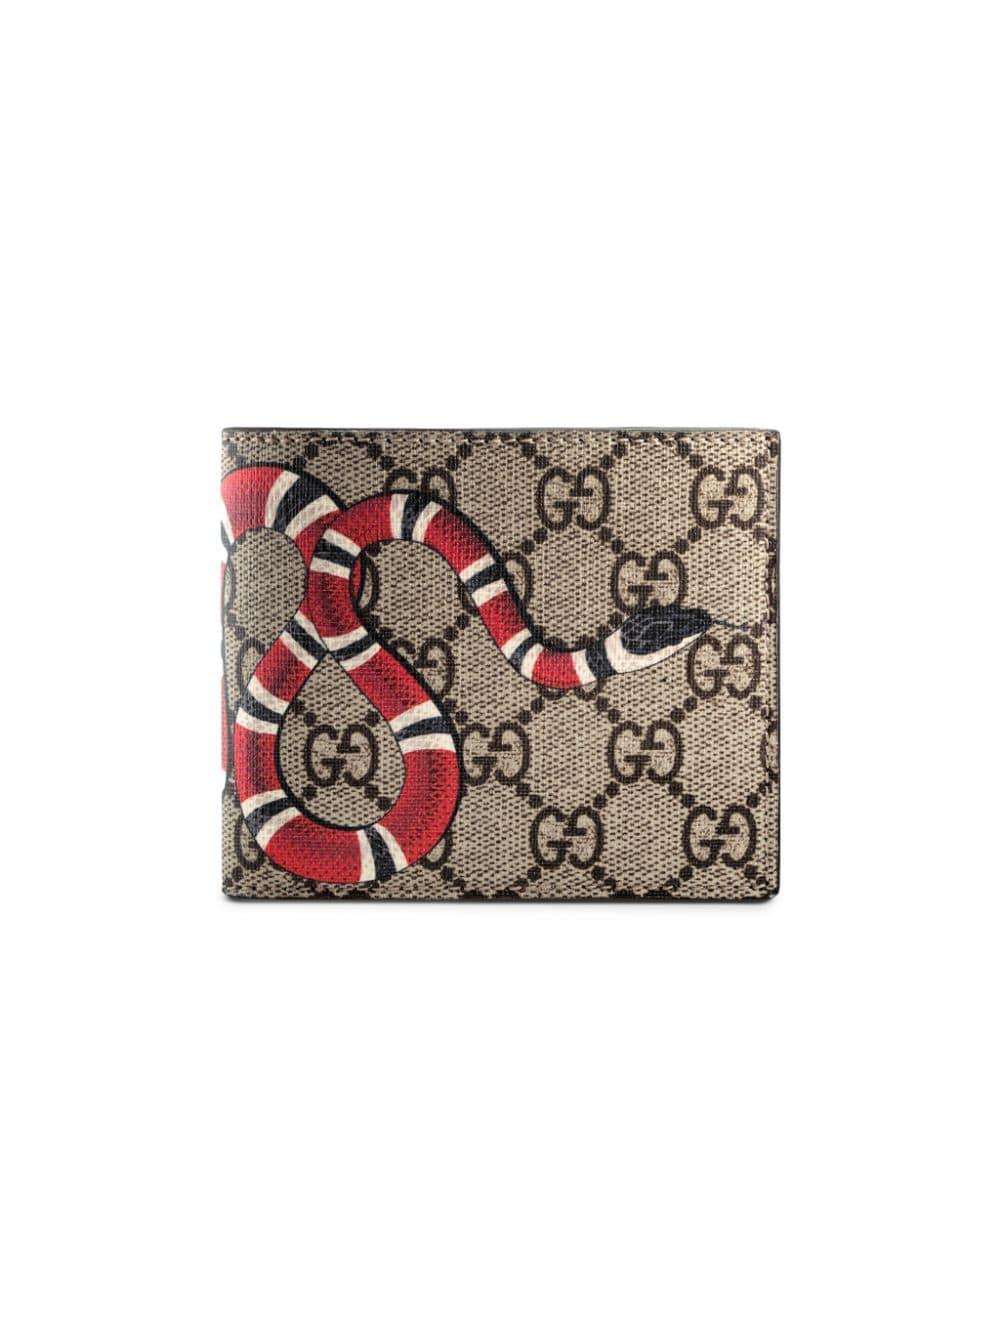 44b13aff76f7 Gucci Gg Supreme Kingsnake Bi Fold Wallet for Men - Save 18% - Lyst